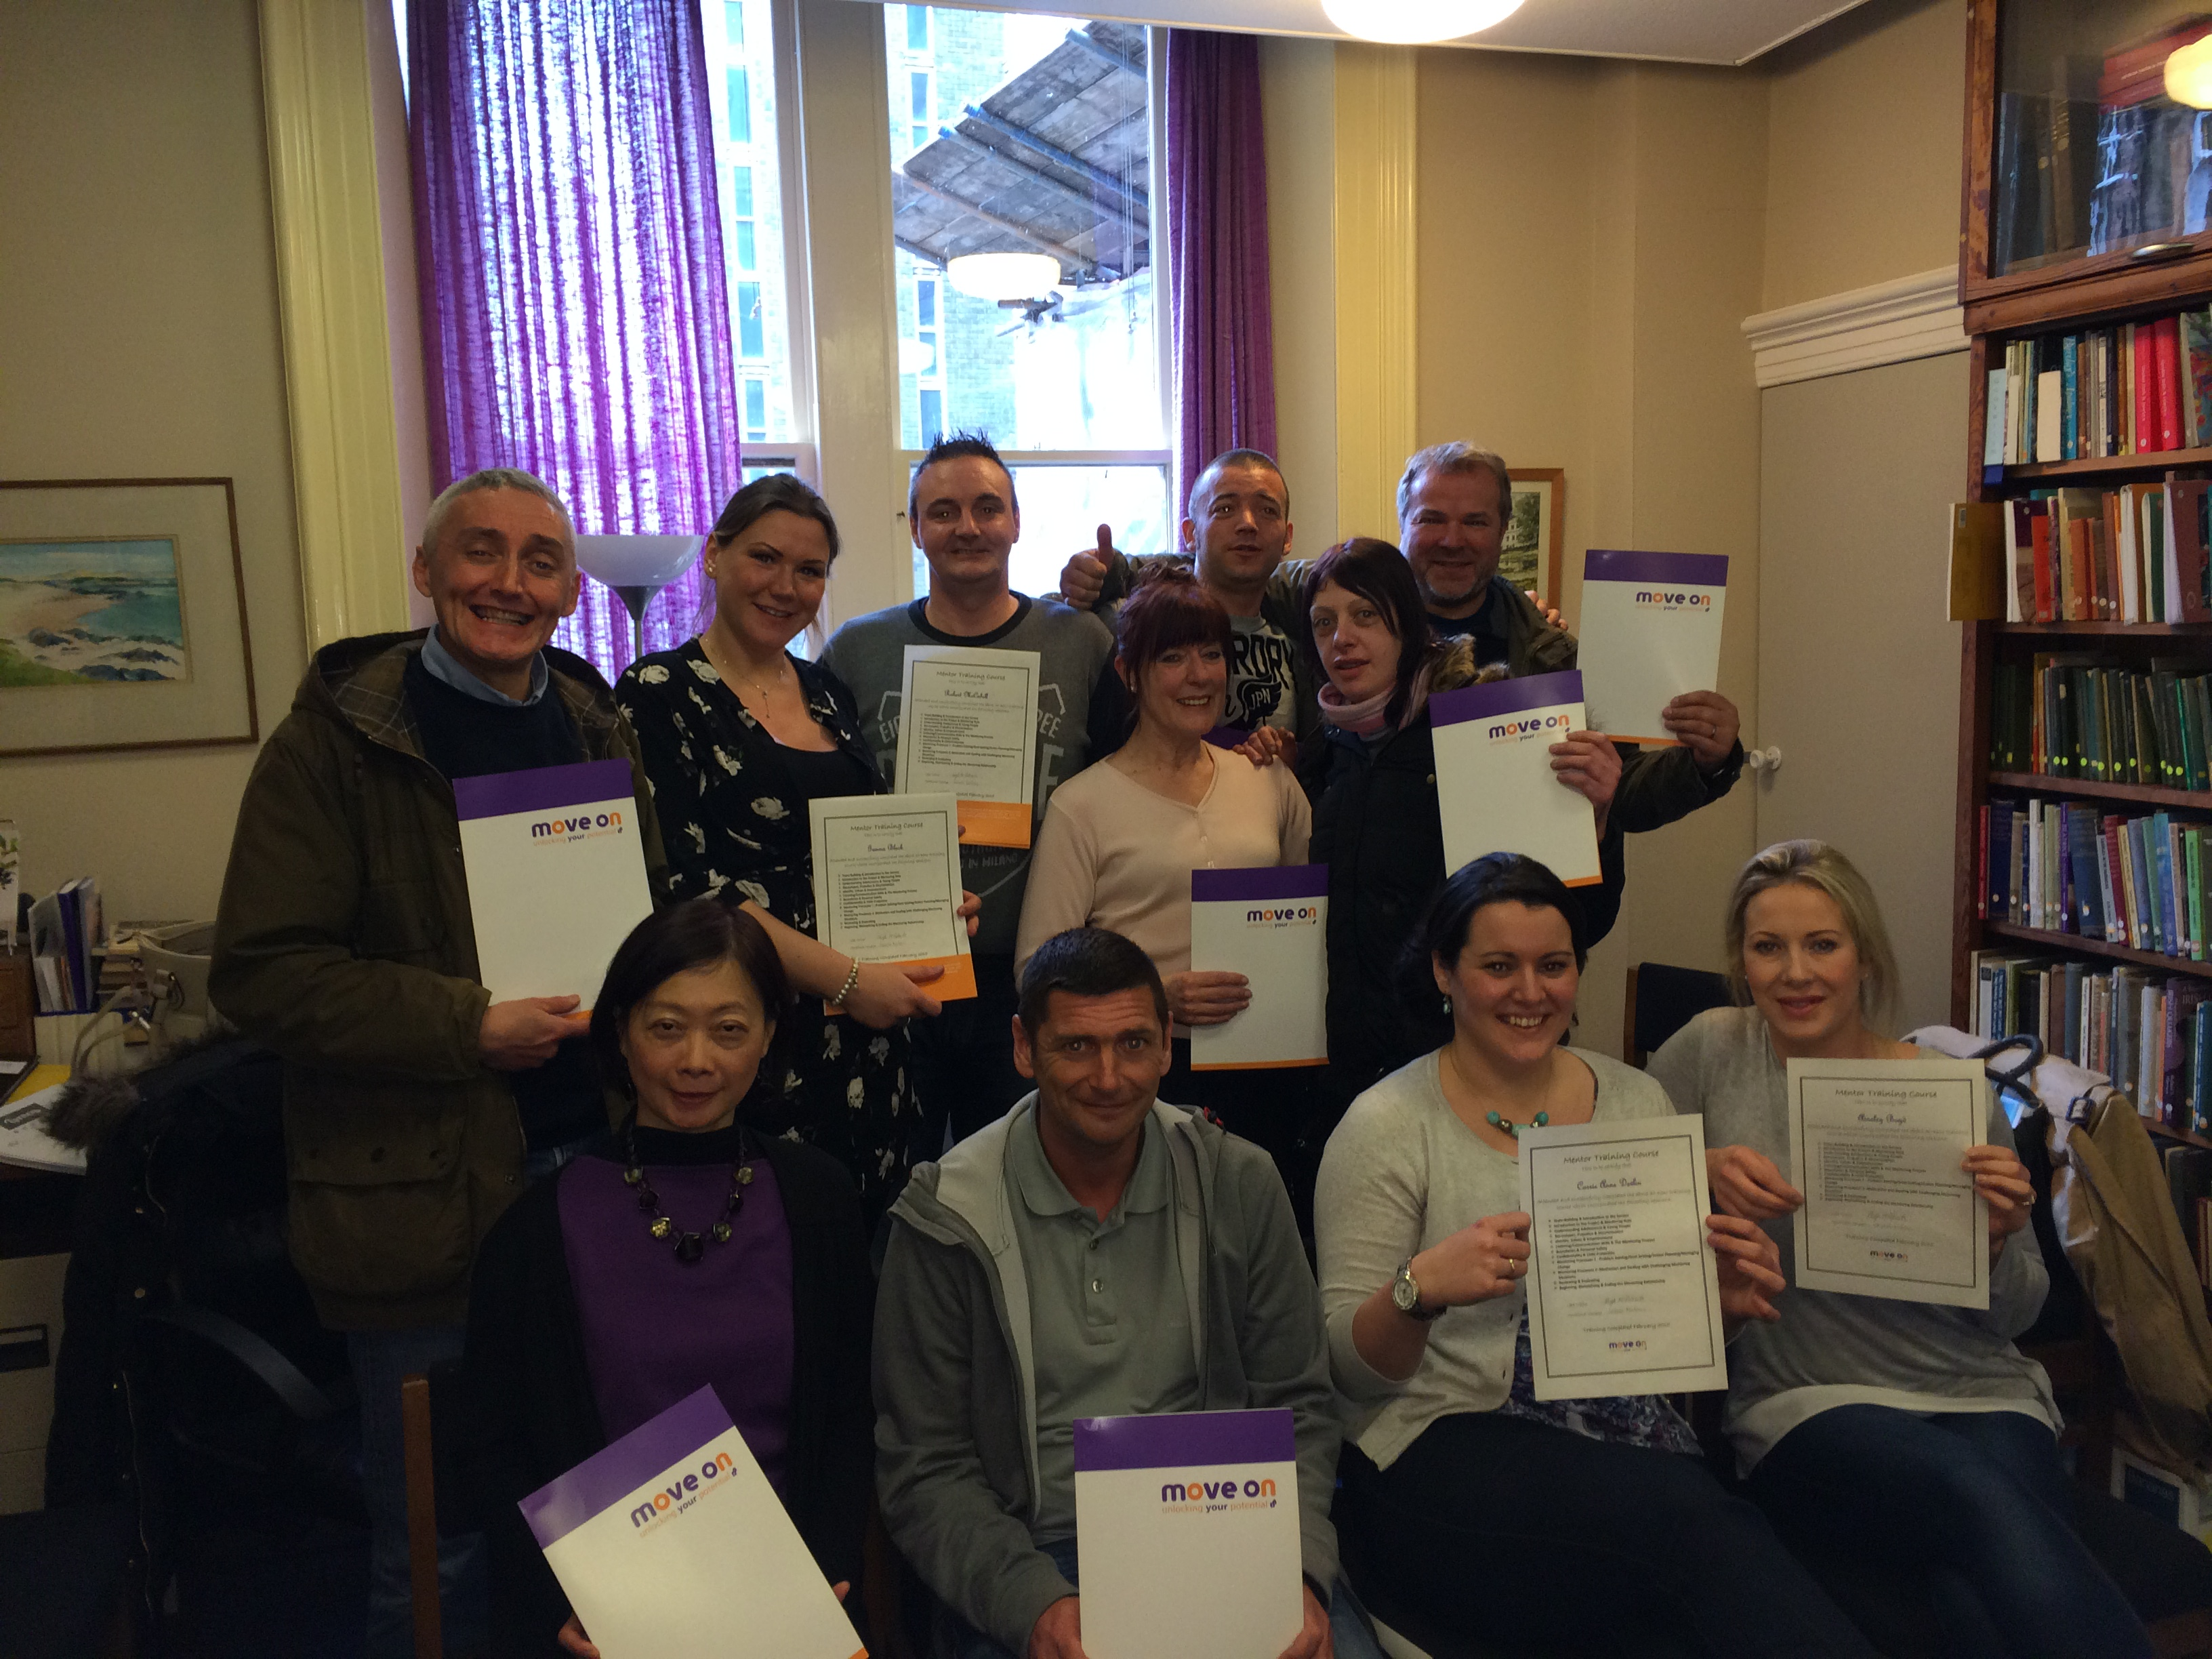 Glasgow mentors Mar 15